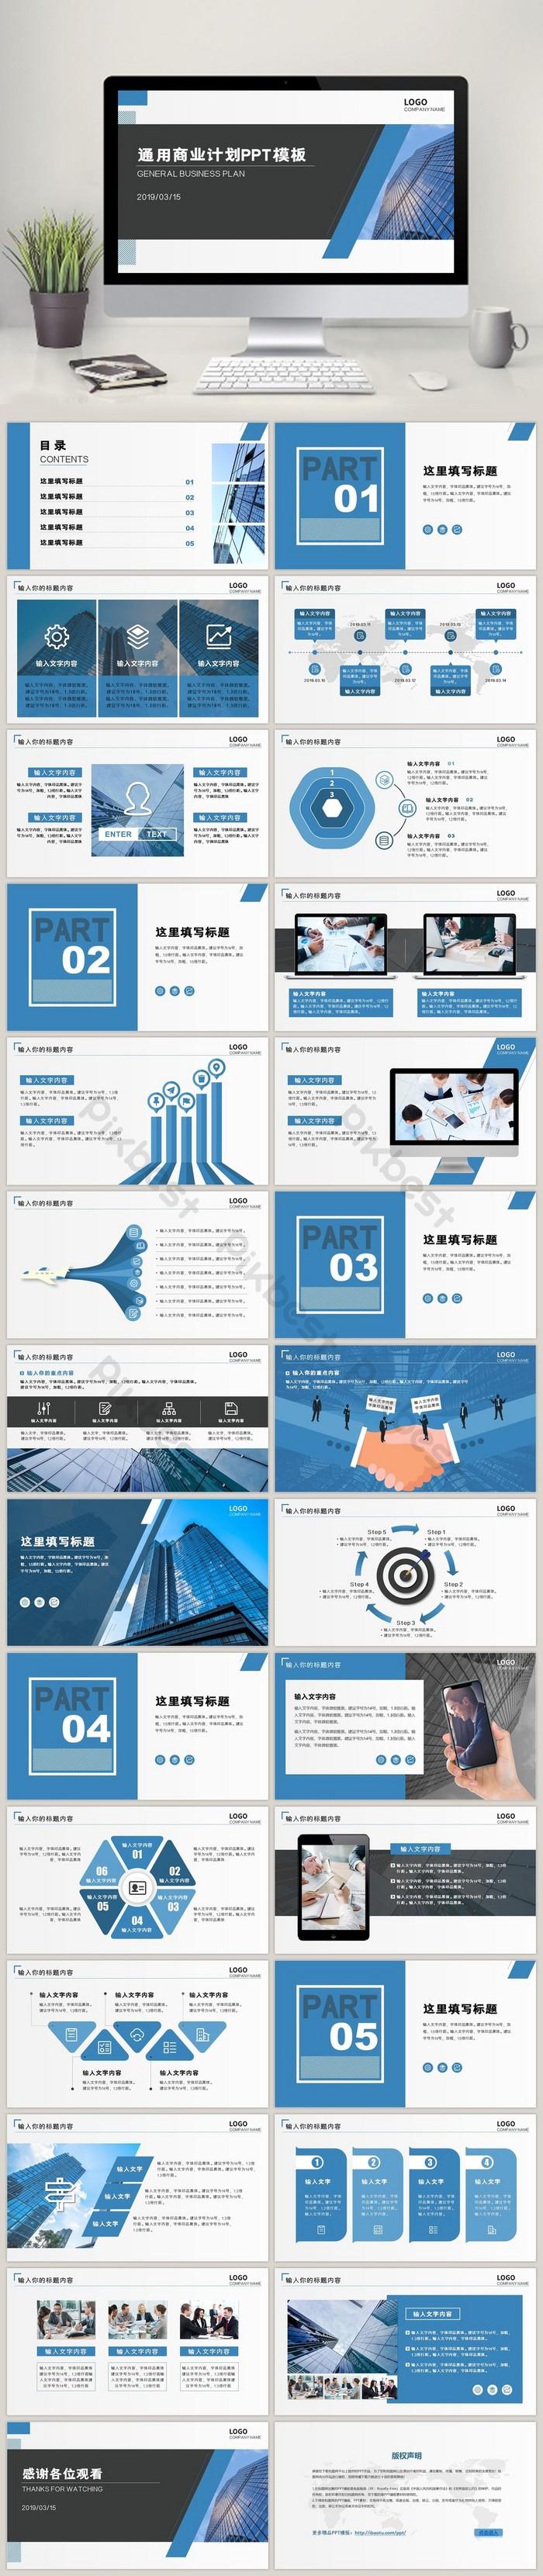 藍色通用大氣商業策劃PPT模板| PPTX PowerPoint素材免費下載 - Pikbest